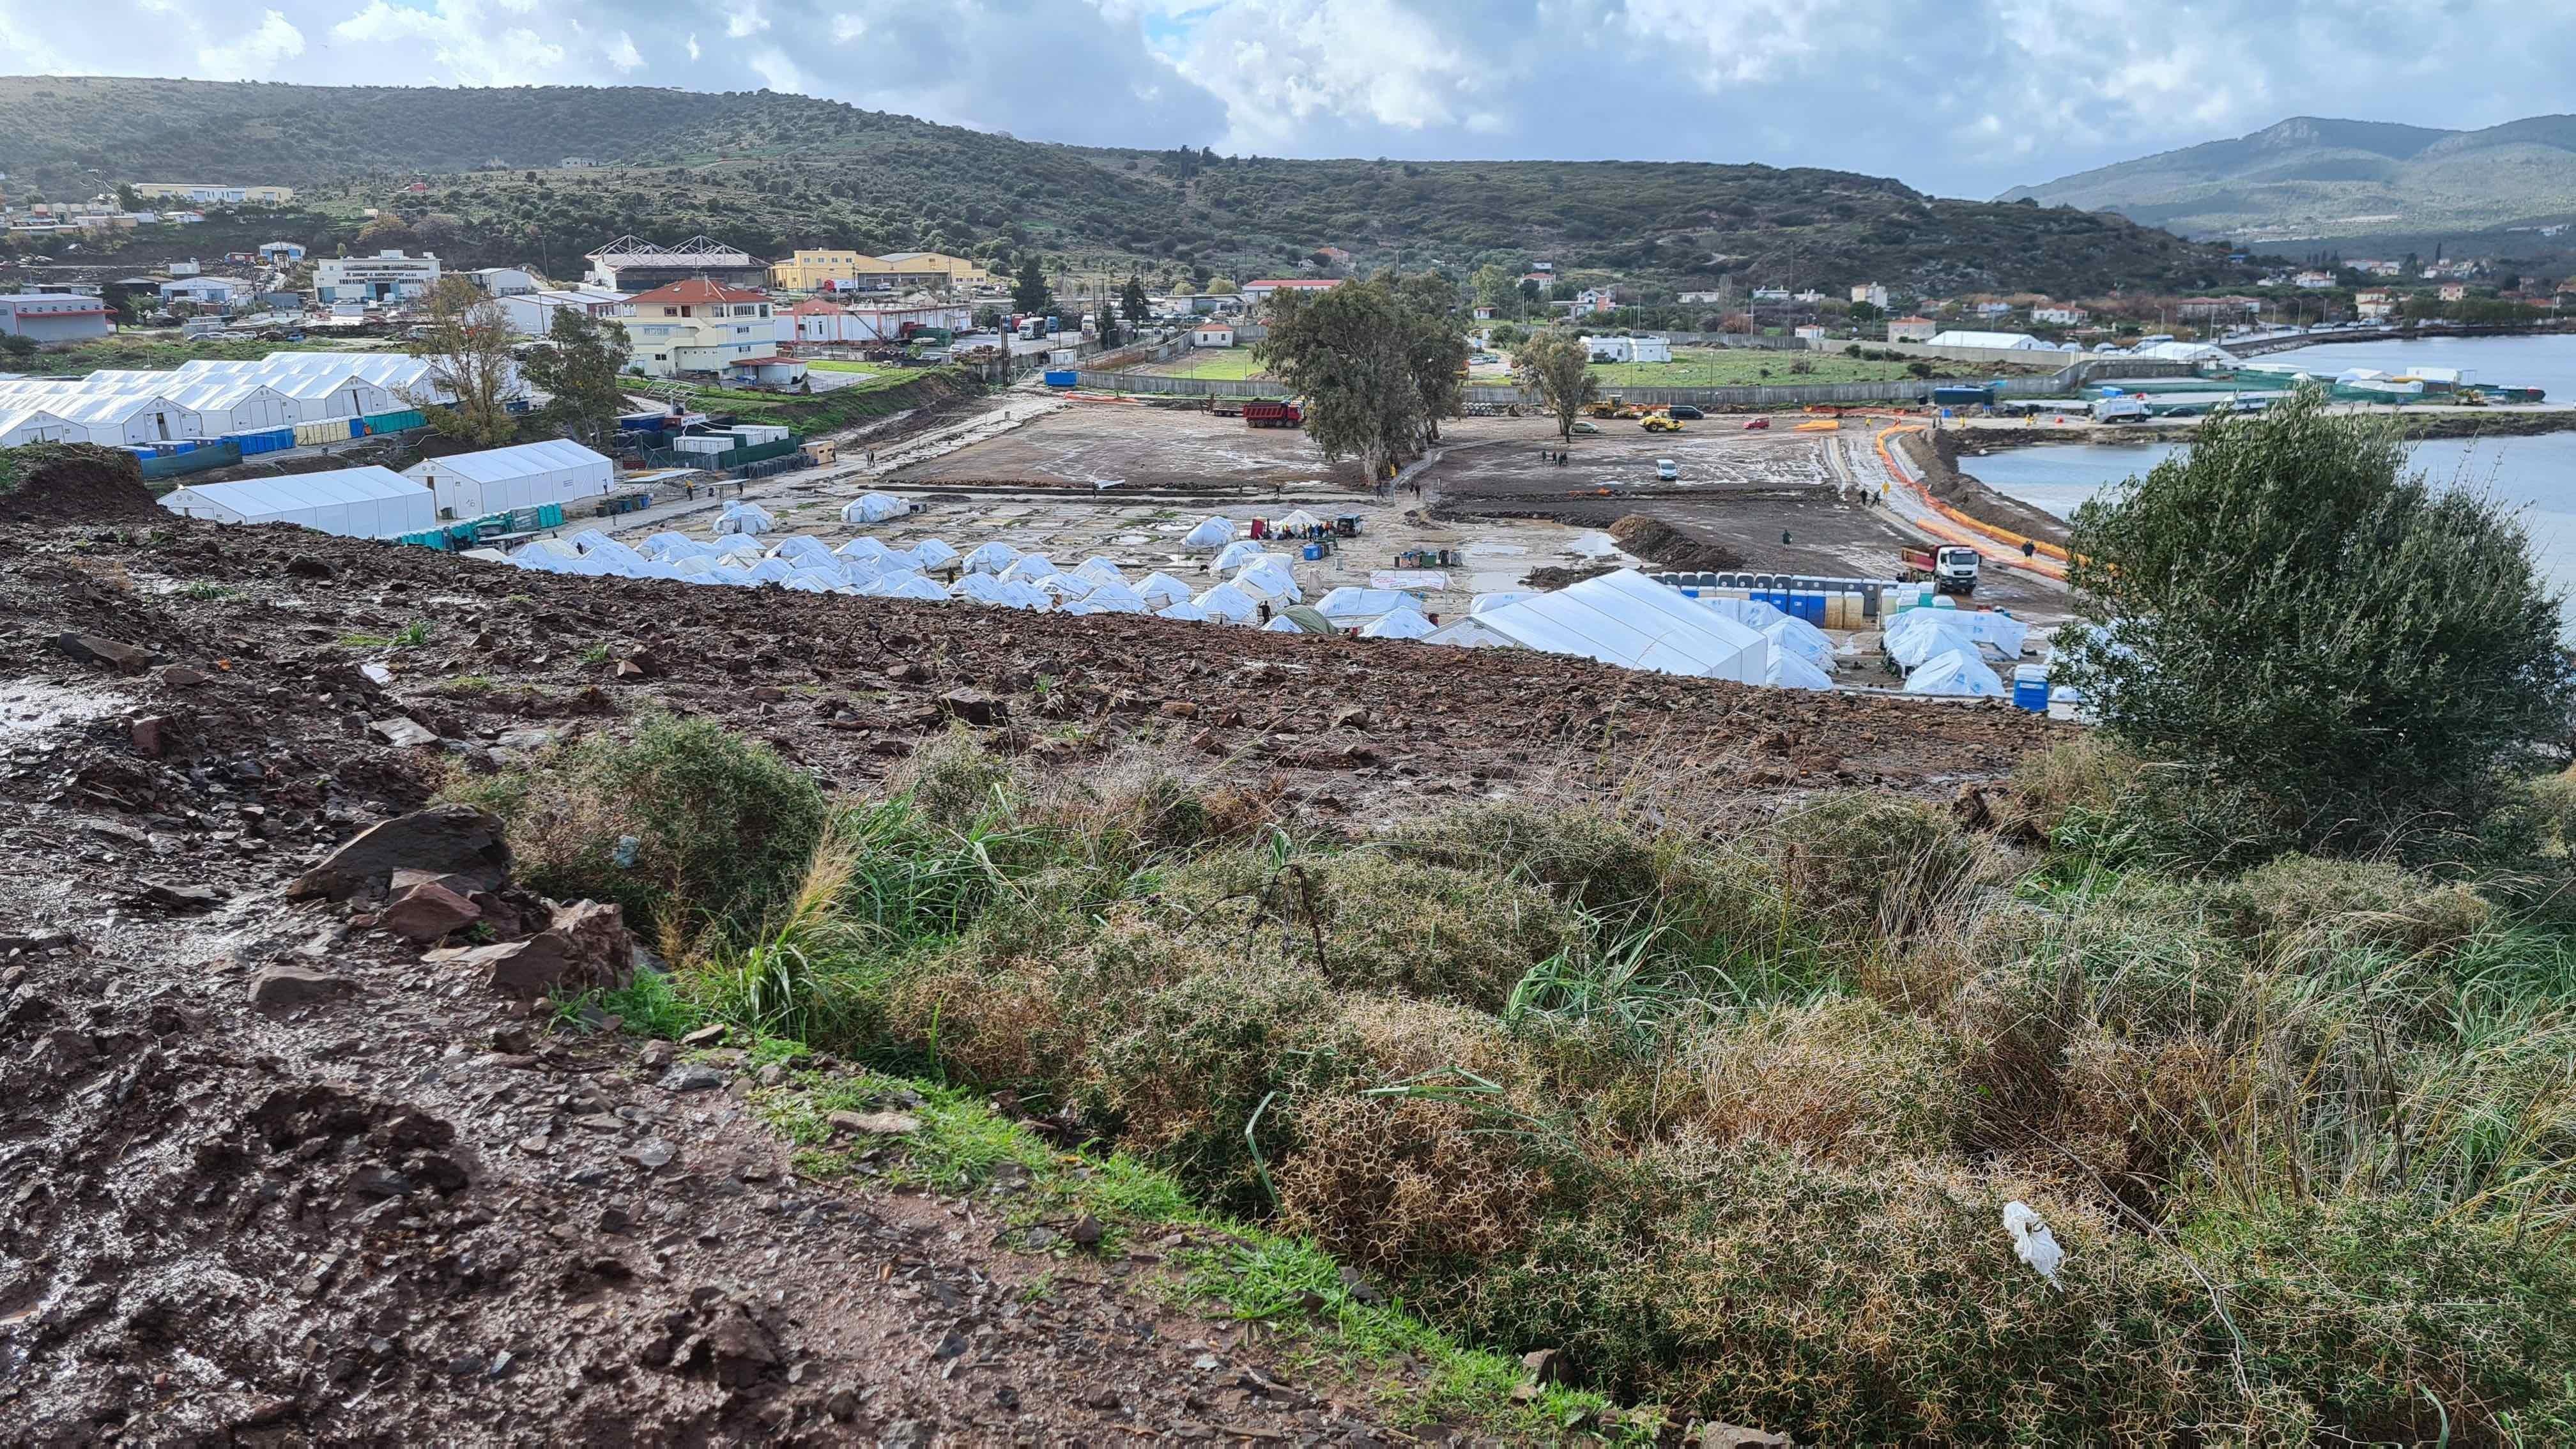 Greece: Migrant Camp Lead Contamination